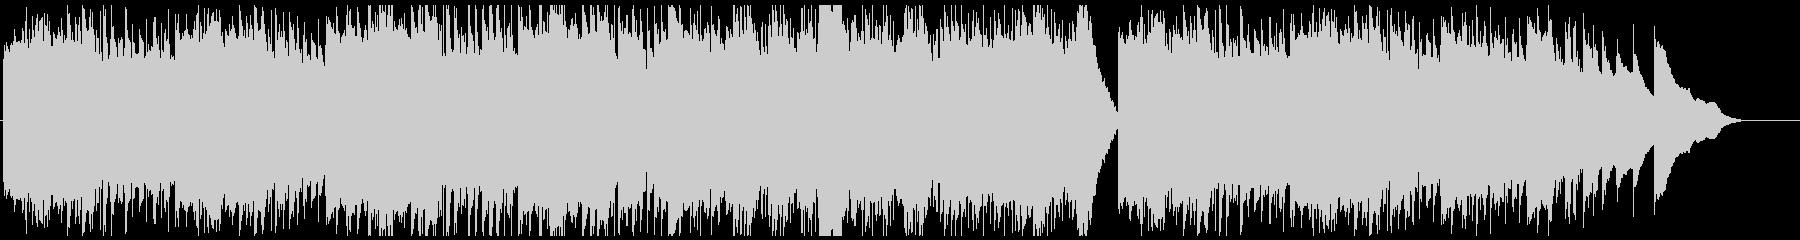 ハープの静かな安眠向けワルツの未再生の波形